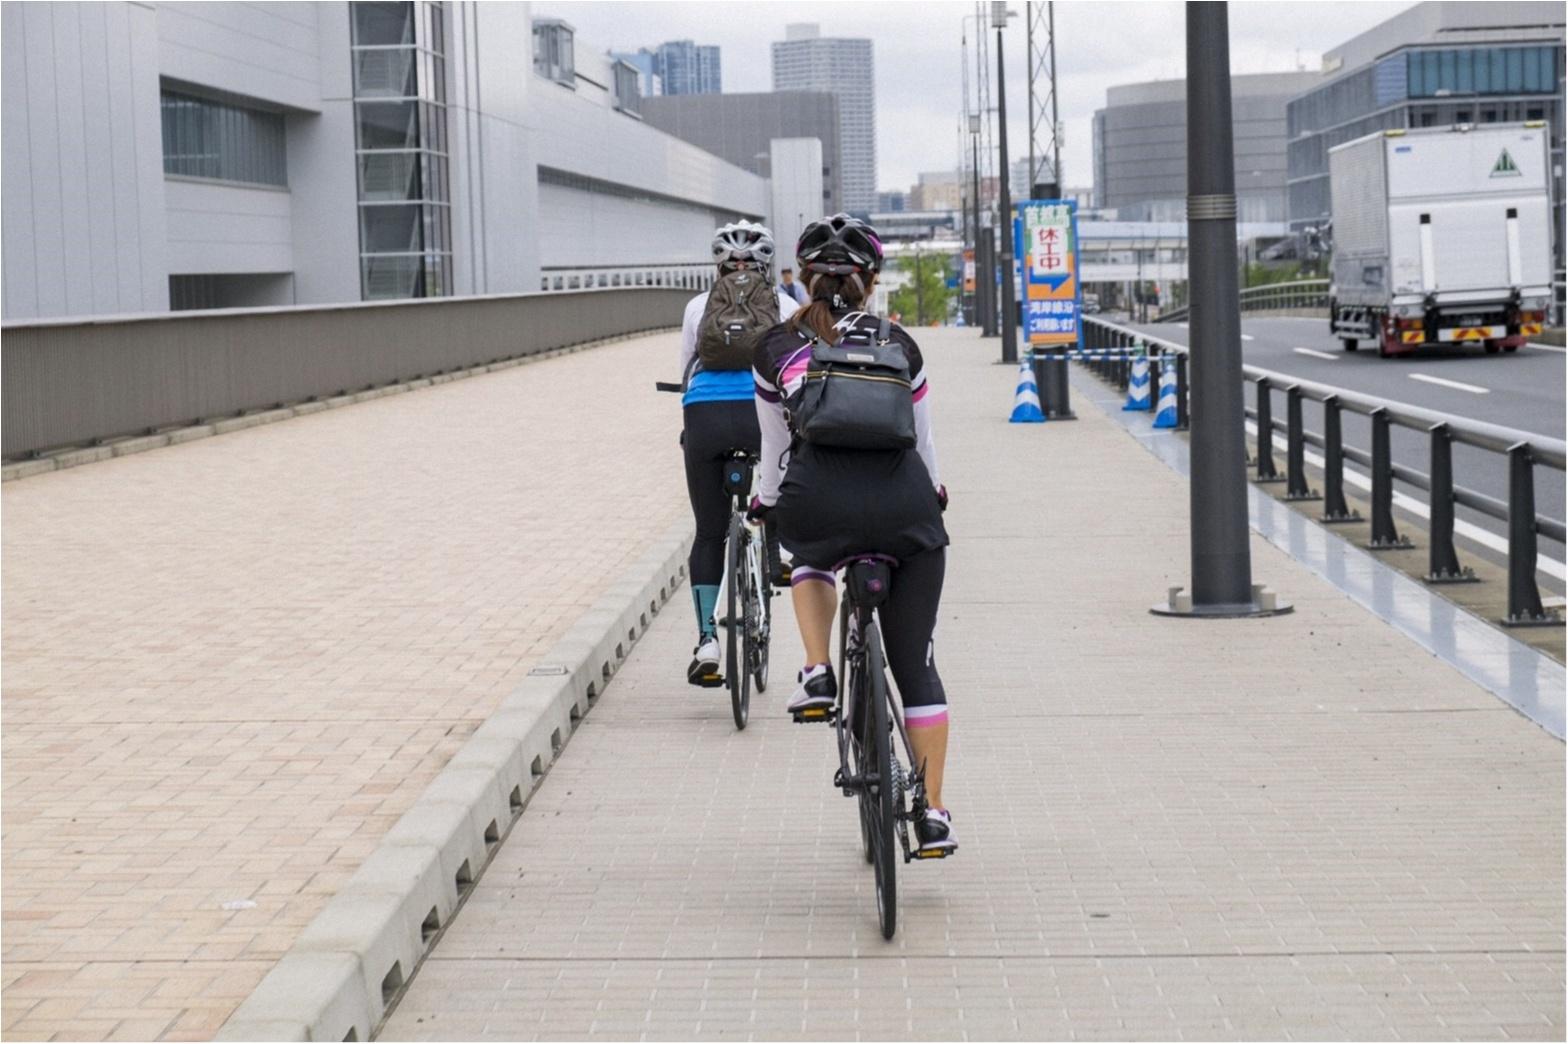 東京が小さく感じられる!ロードバイクならすいすい♪練習のお楽しみは築地で海鮮♥ #ツール・ド・東北【#モアチャレ あかね】_8